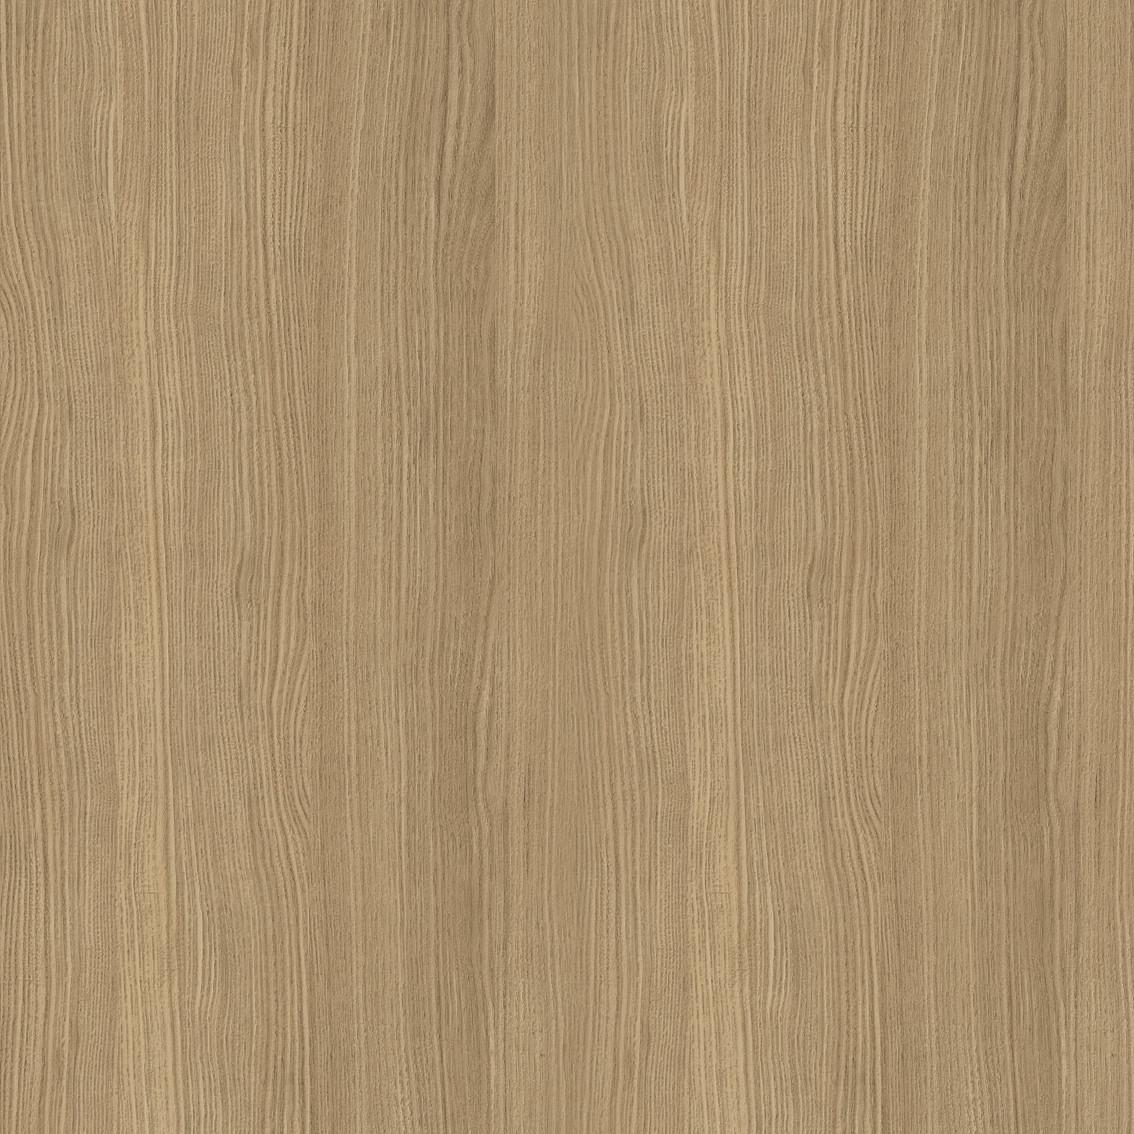 Плитка для підлоги Tarkett темно-бежевий 300x300x8 мм